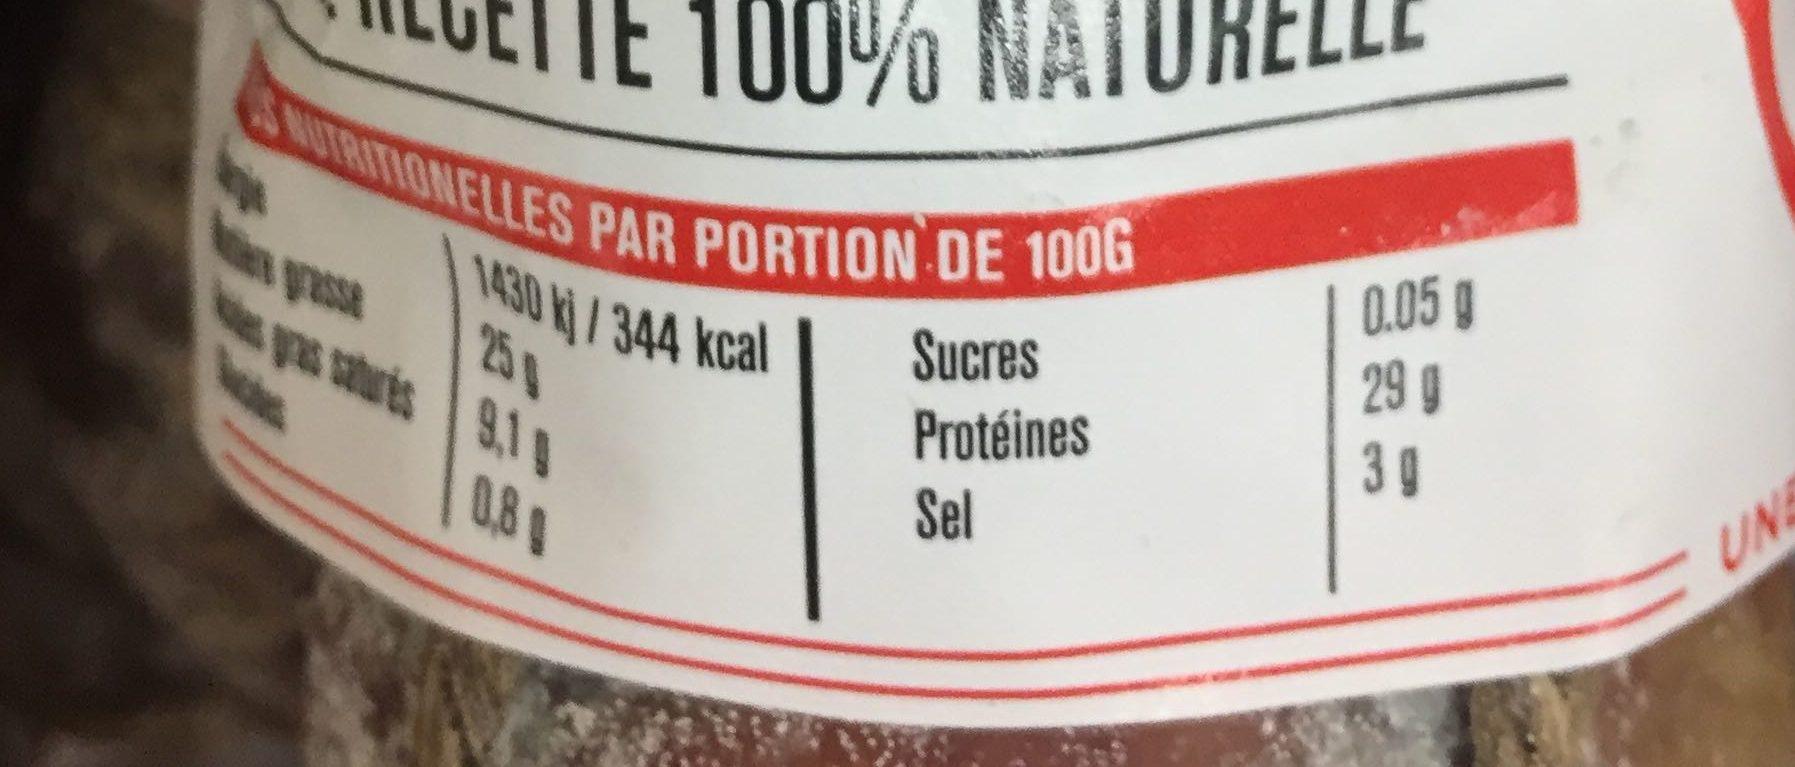 Saucisson de la Haute-Loire - Informations nutritionnelles - fr